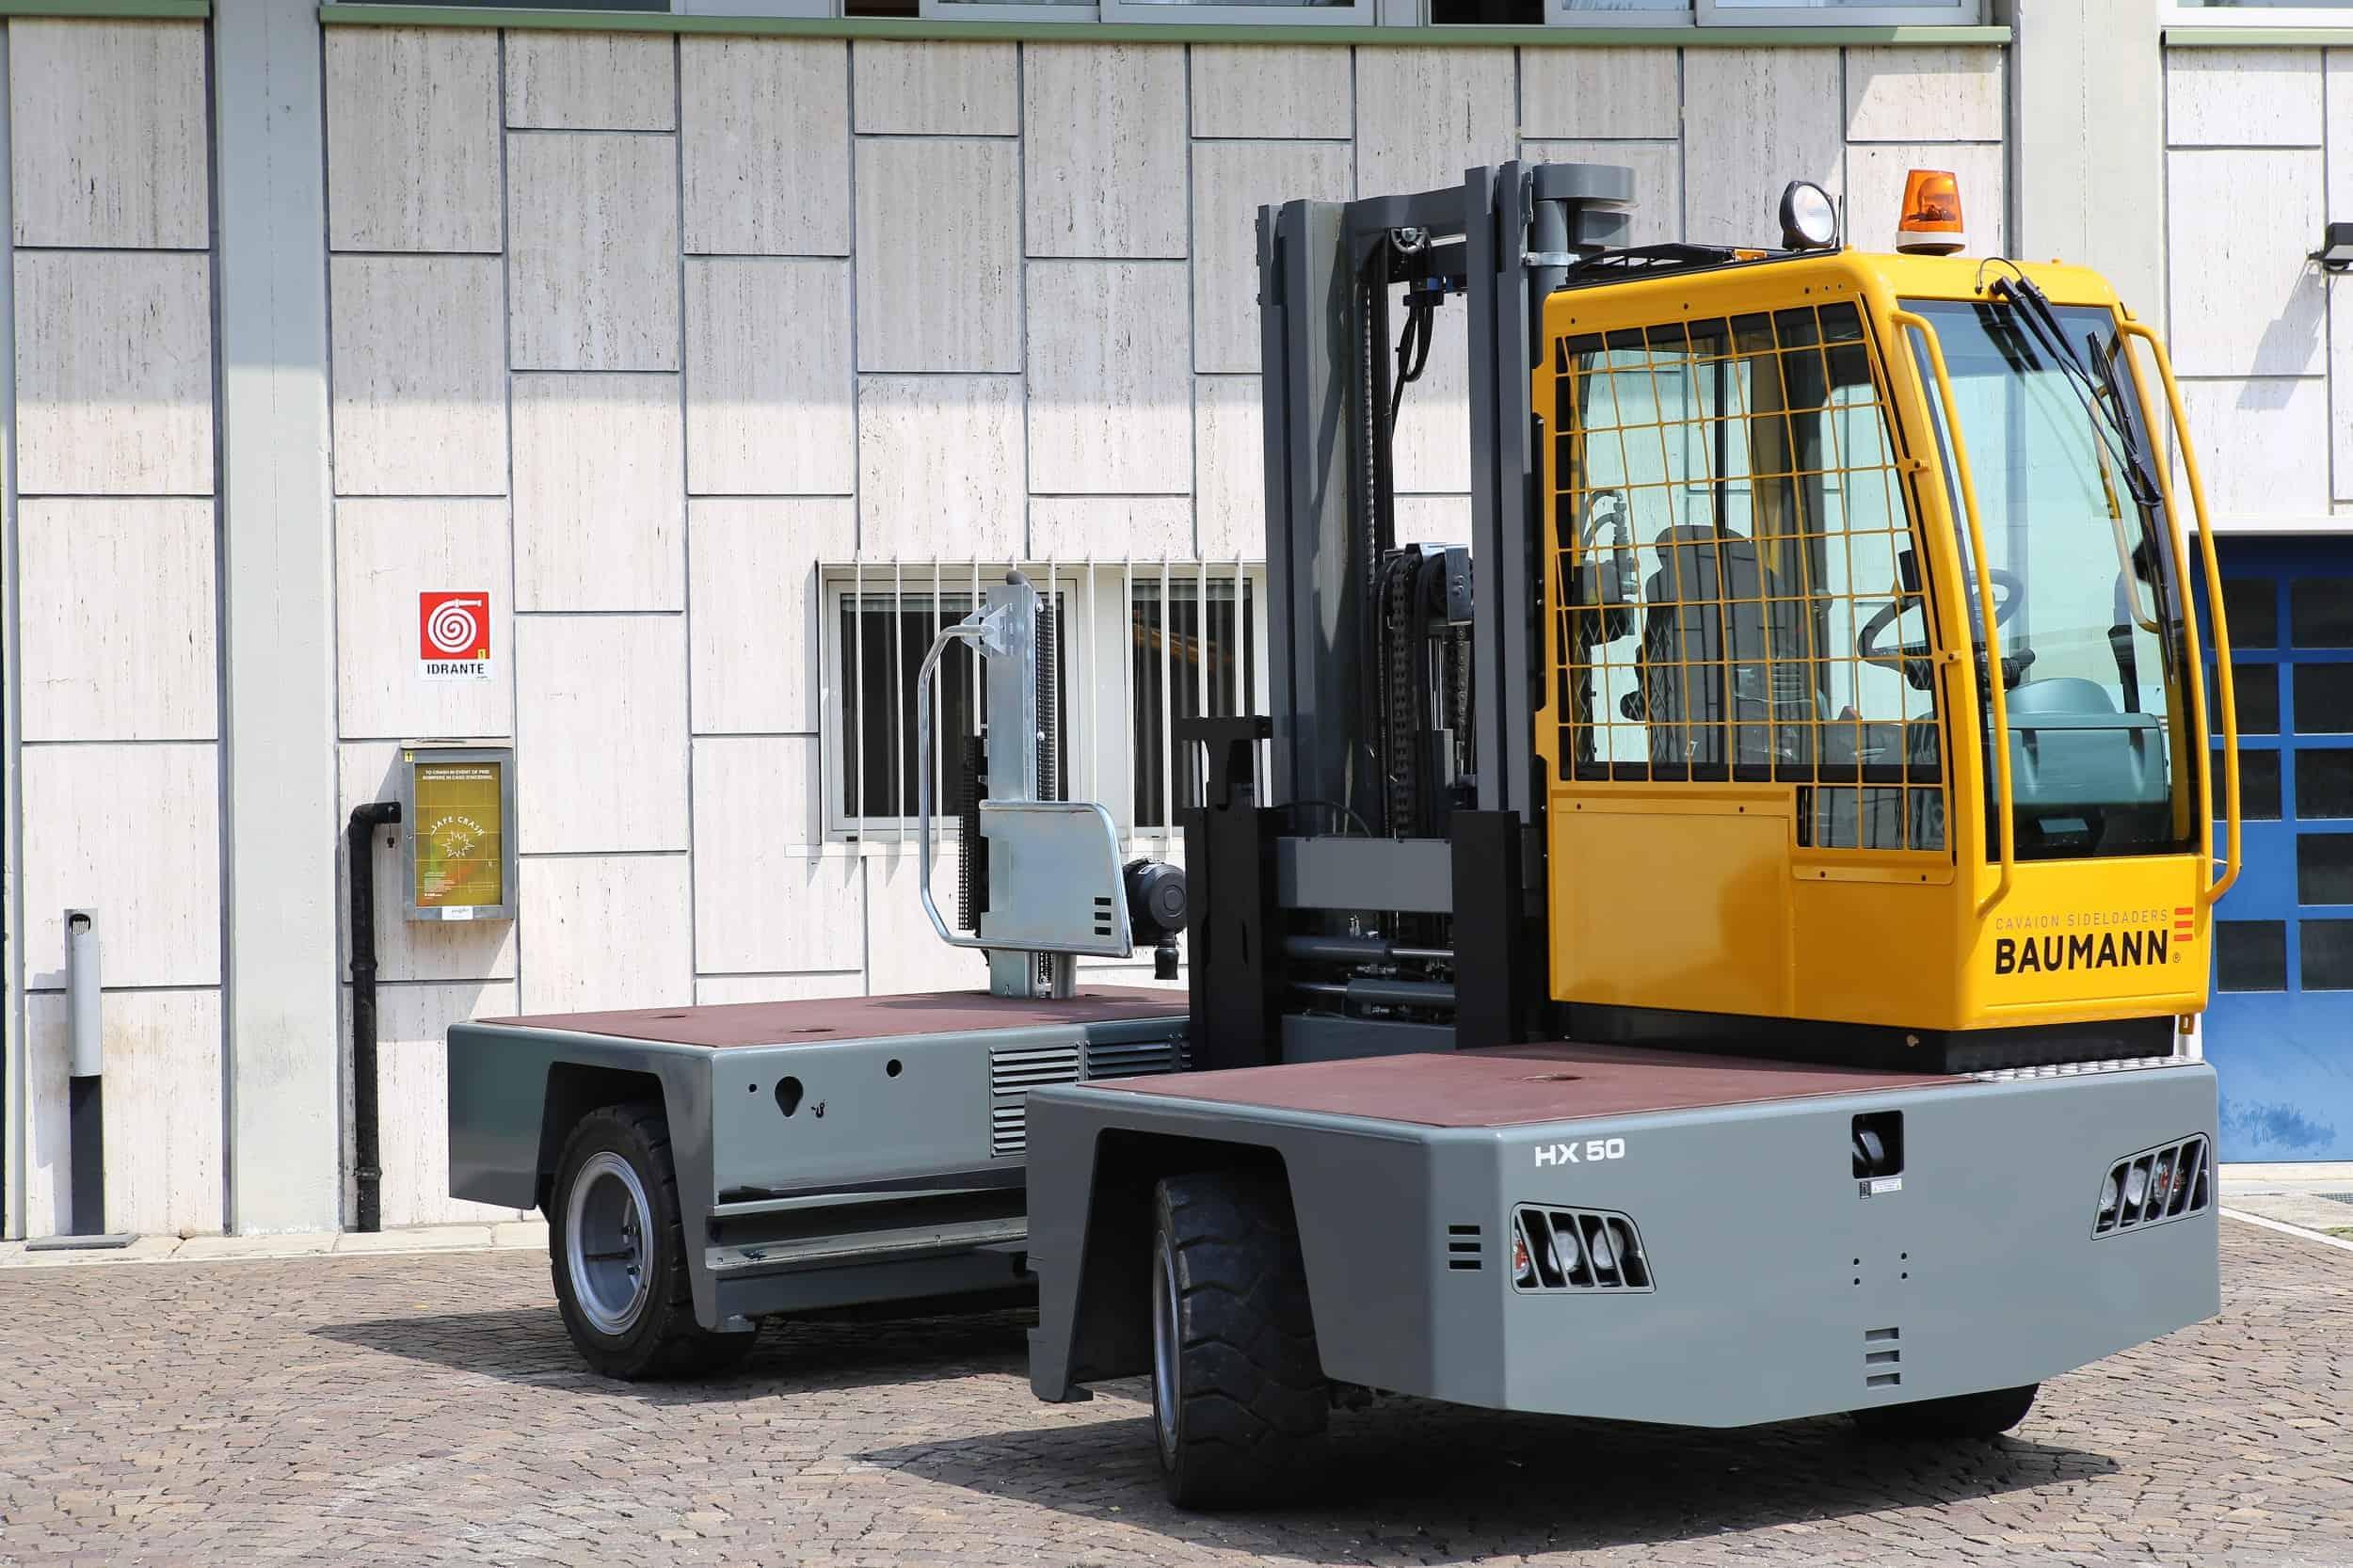 Baumann führt neue Dieselmodelle ein